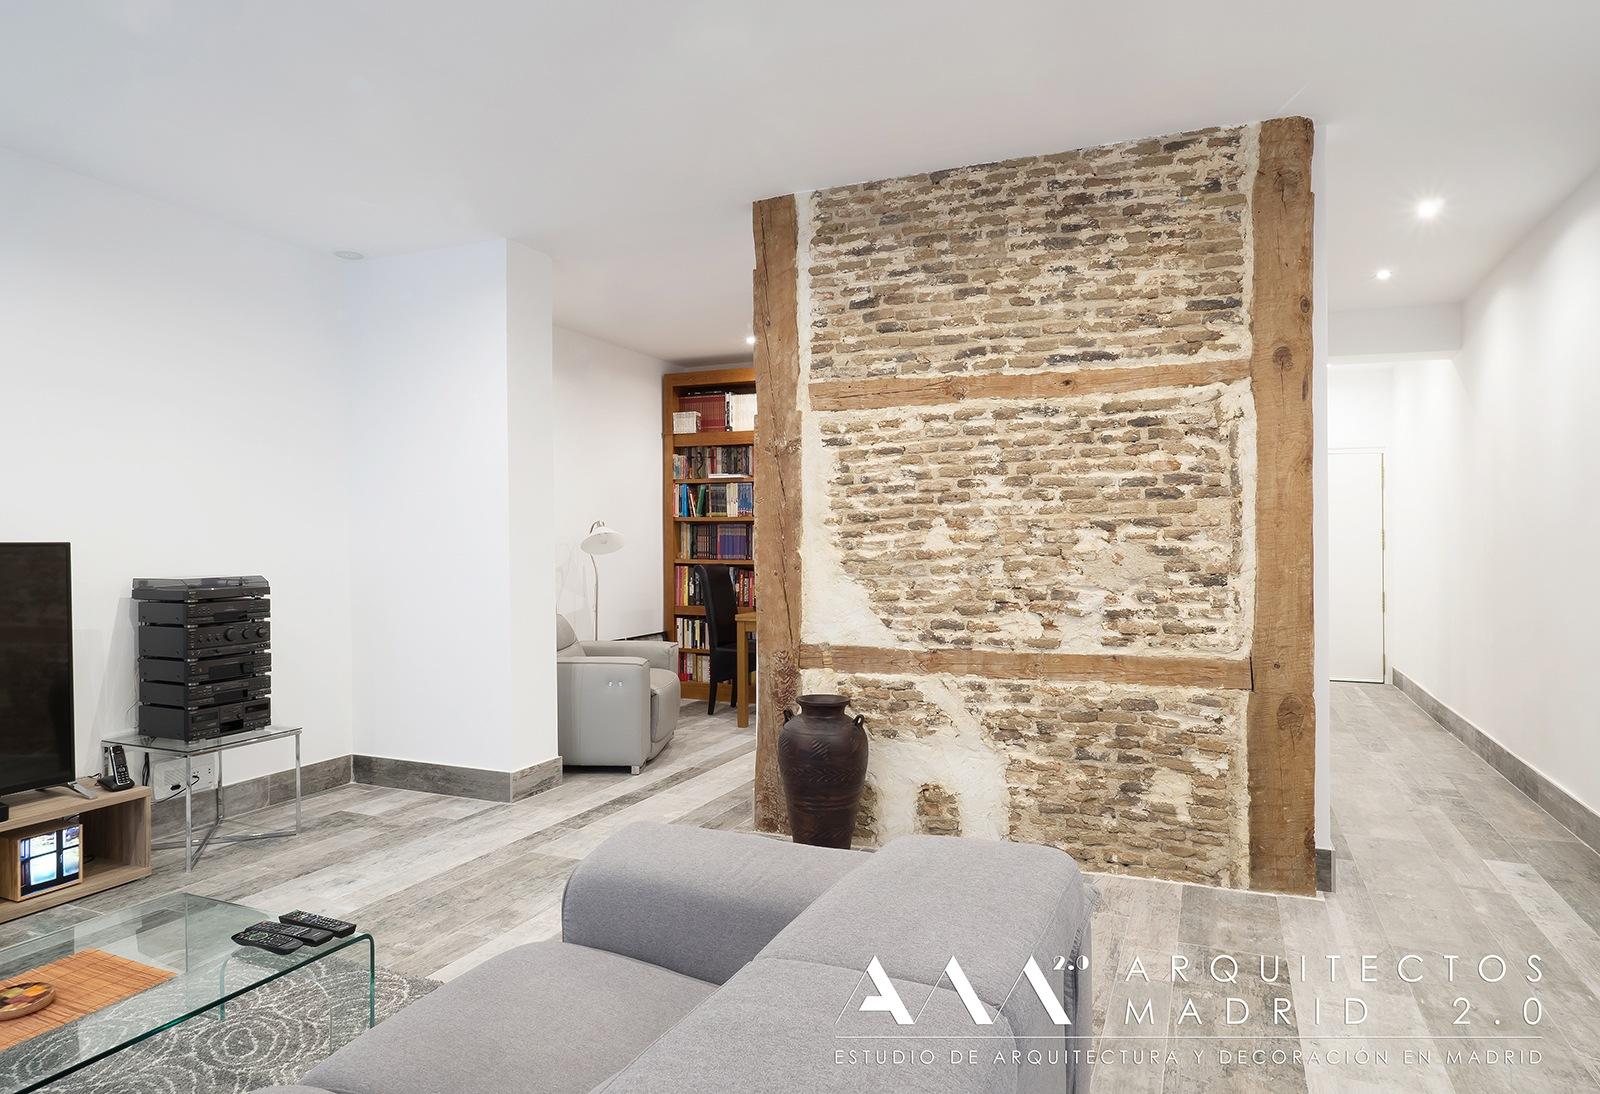 ideas-reformas-pisos-pequenos-viviendas-casas-muros-carga-ladrillo-madera-restaurados-salon-01